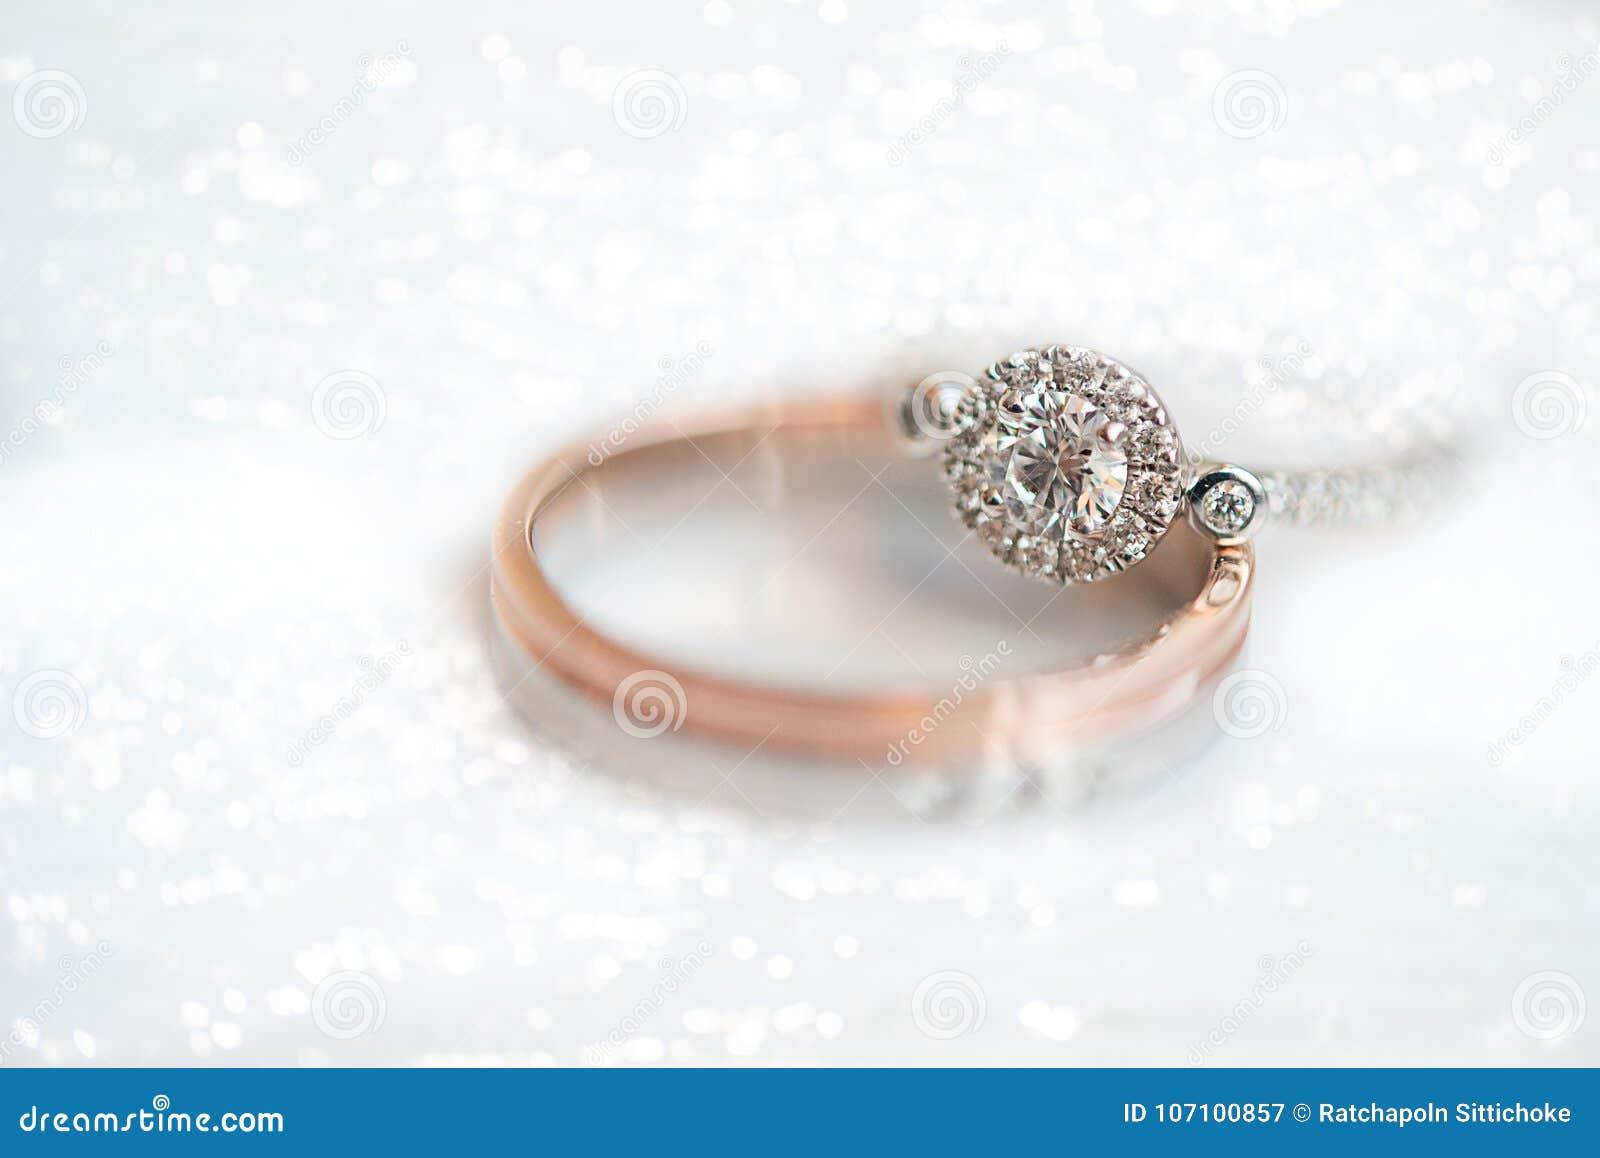 Wedding Ringtwo Wedding Rings Gold Wedding Stock Image Image Of